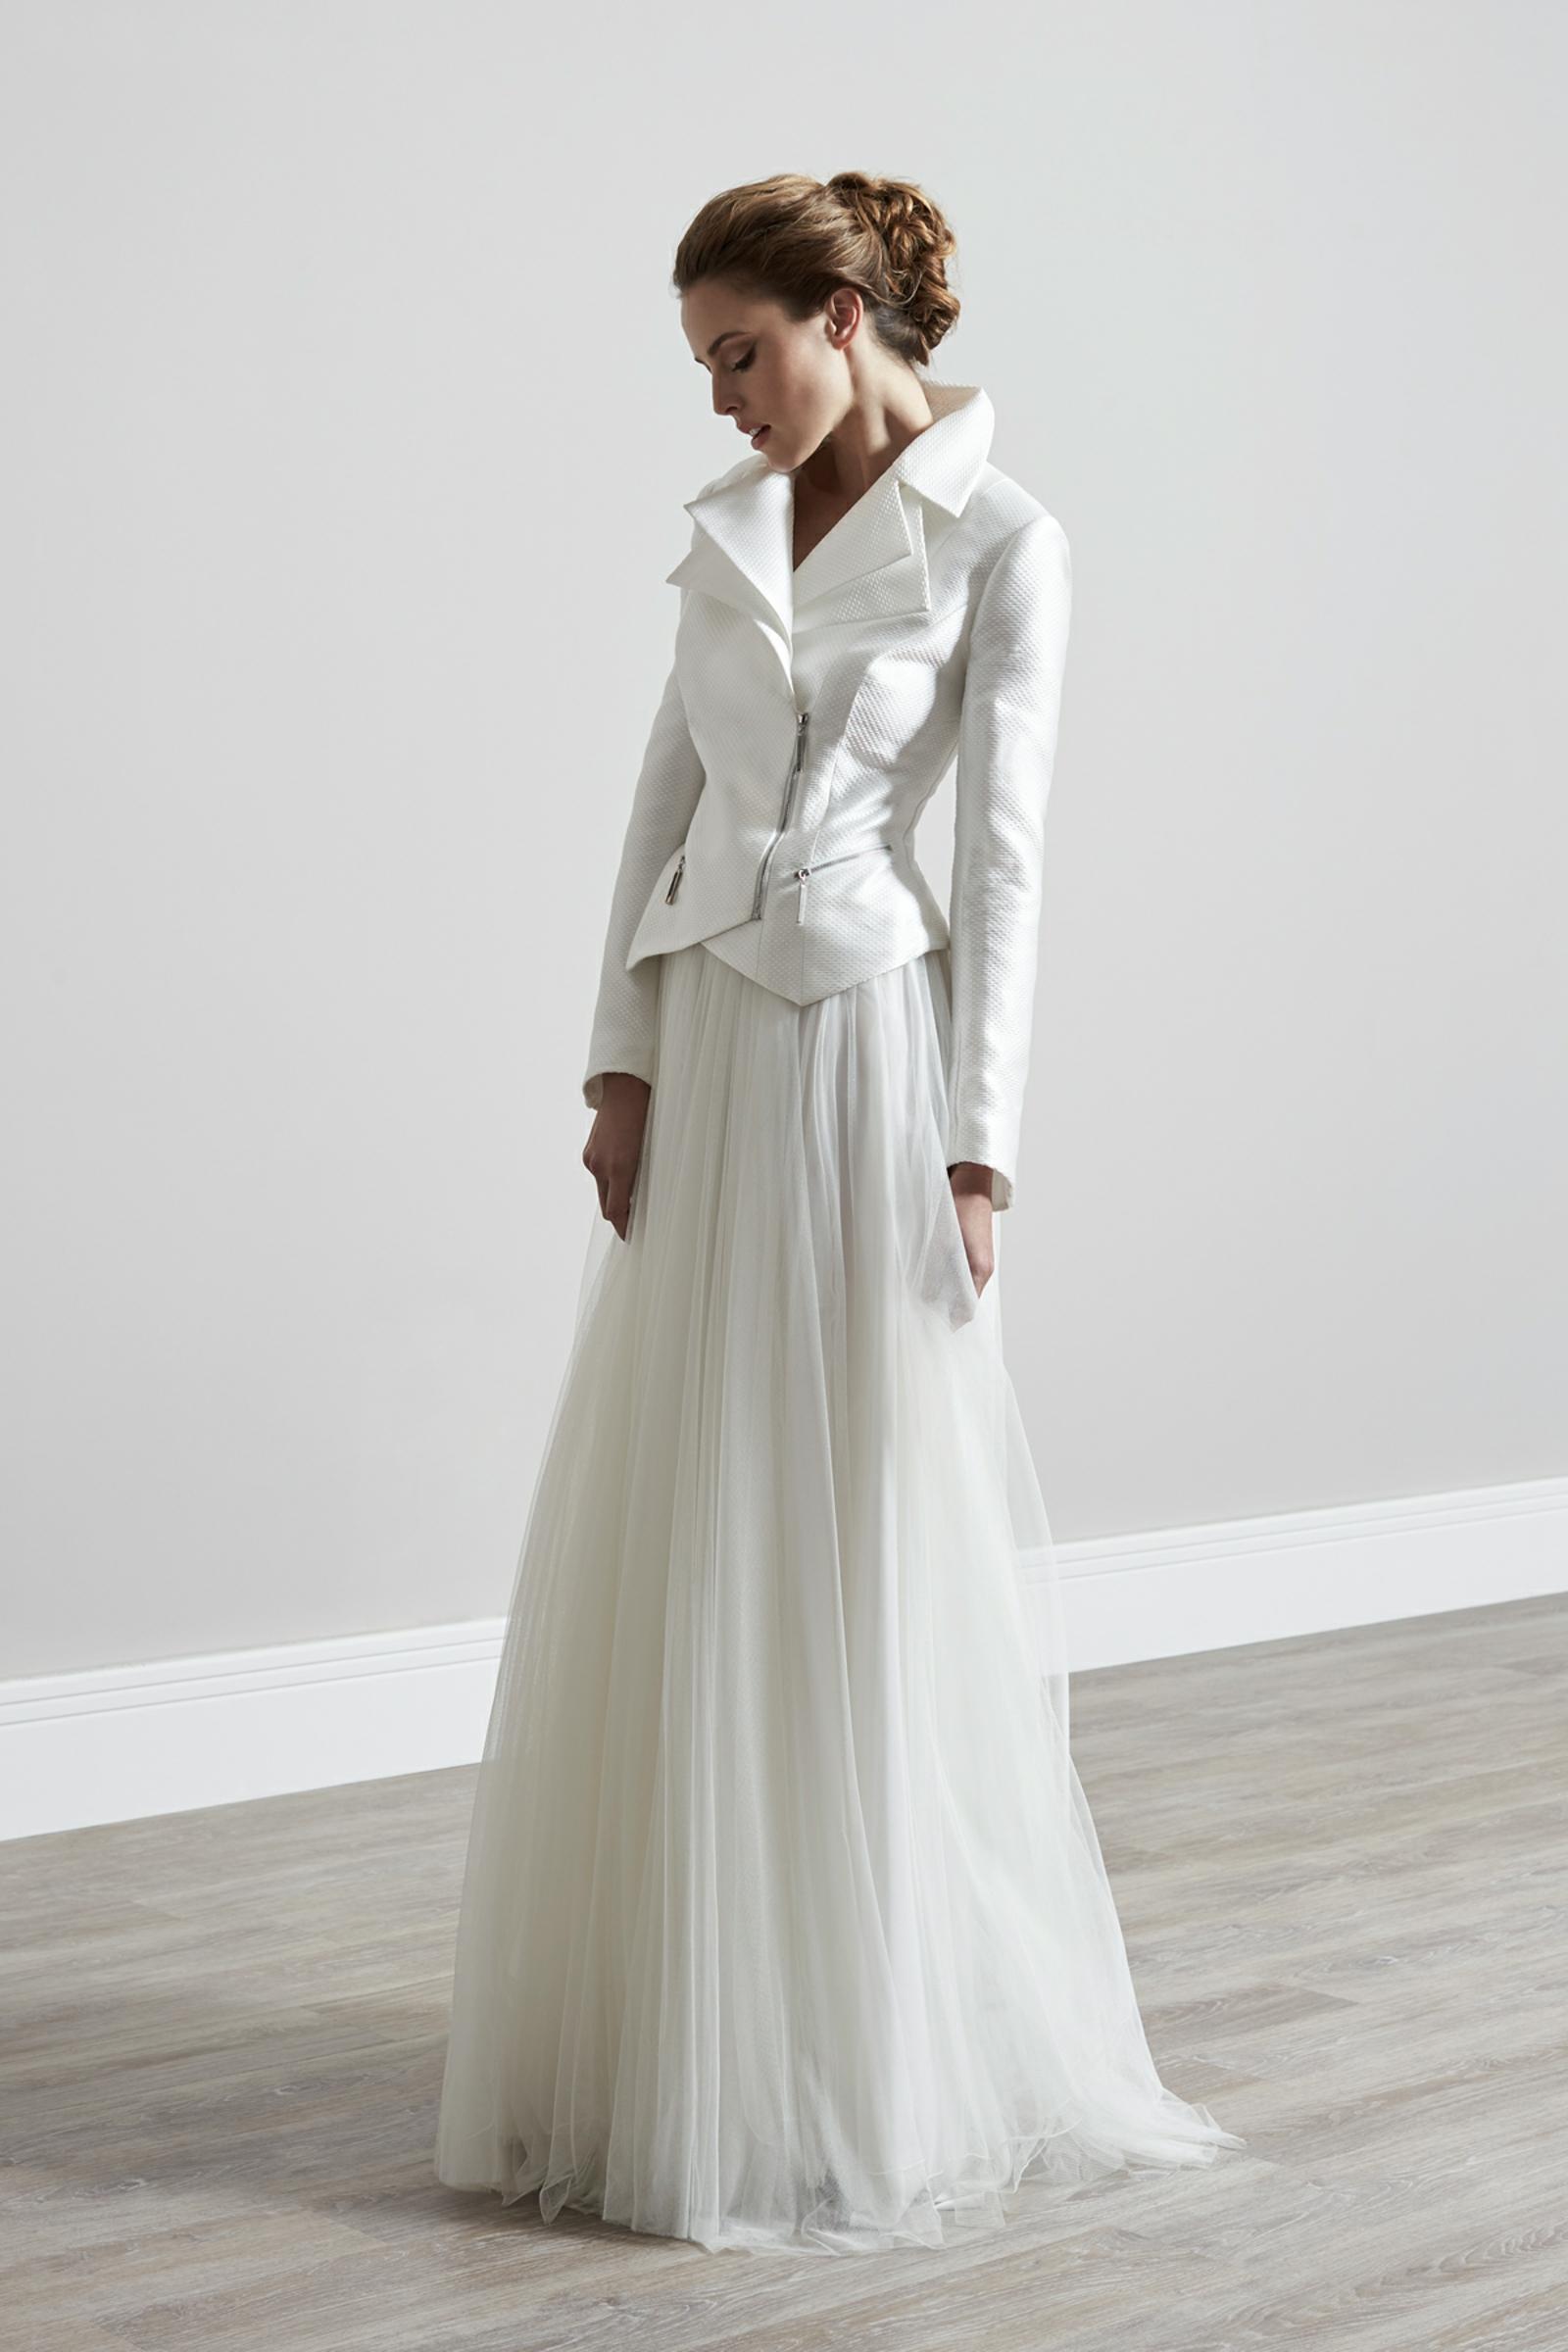 Hochzeitskleid Winter weiße Lederjacke chic